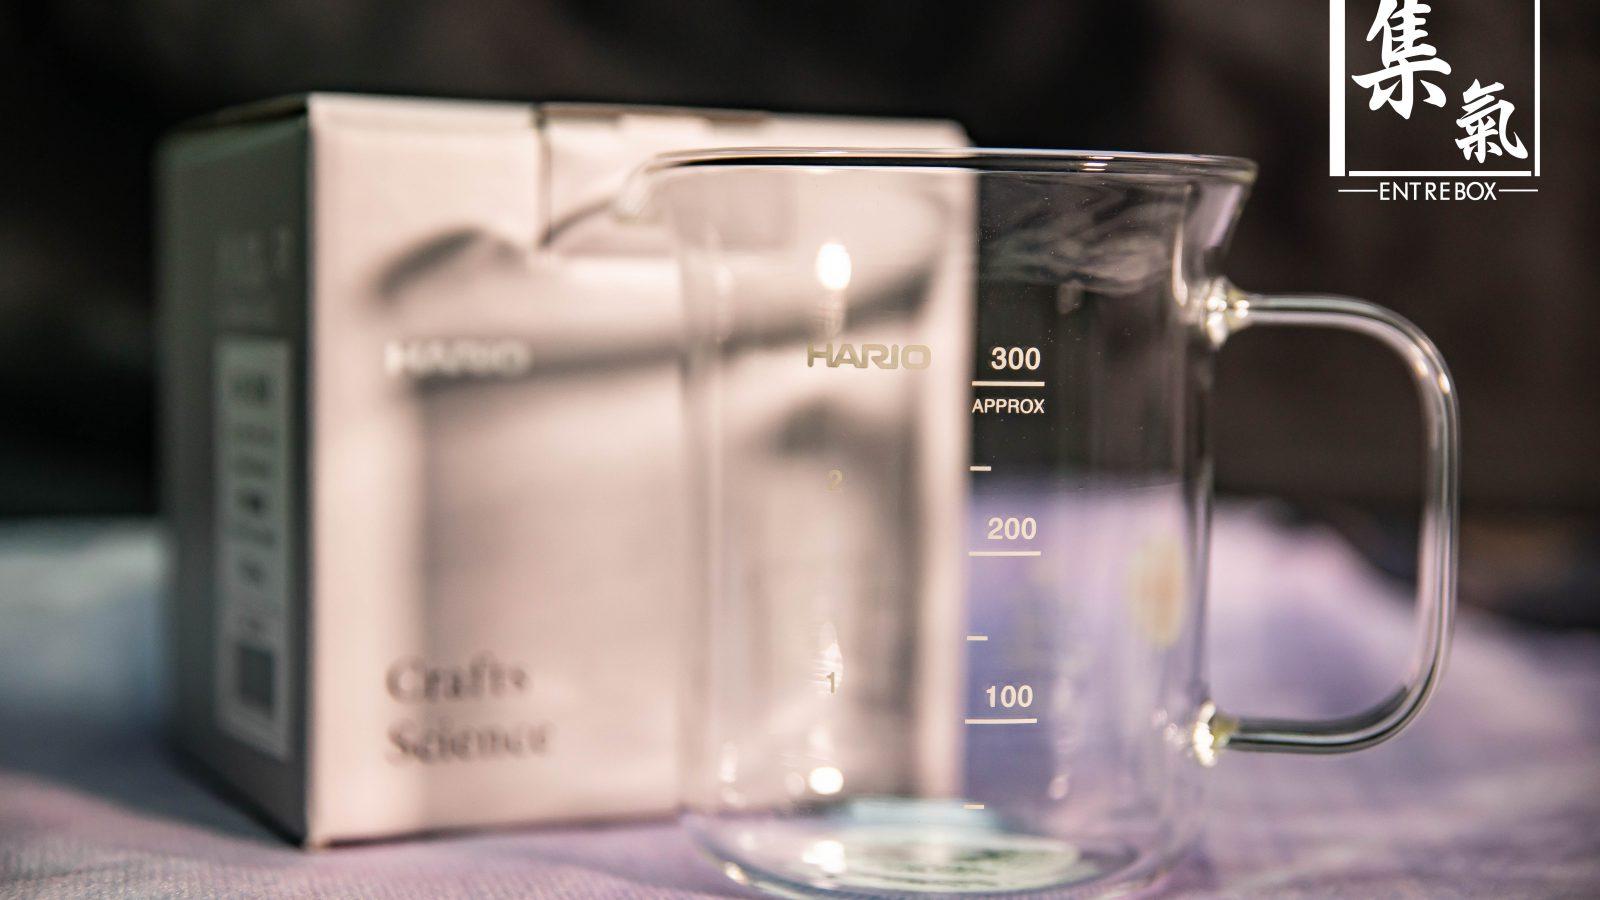 Hario 玻璃燒杯手沖分享壺